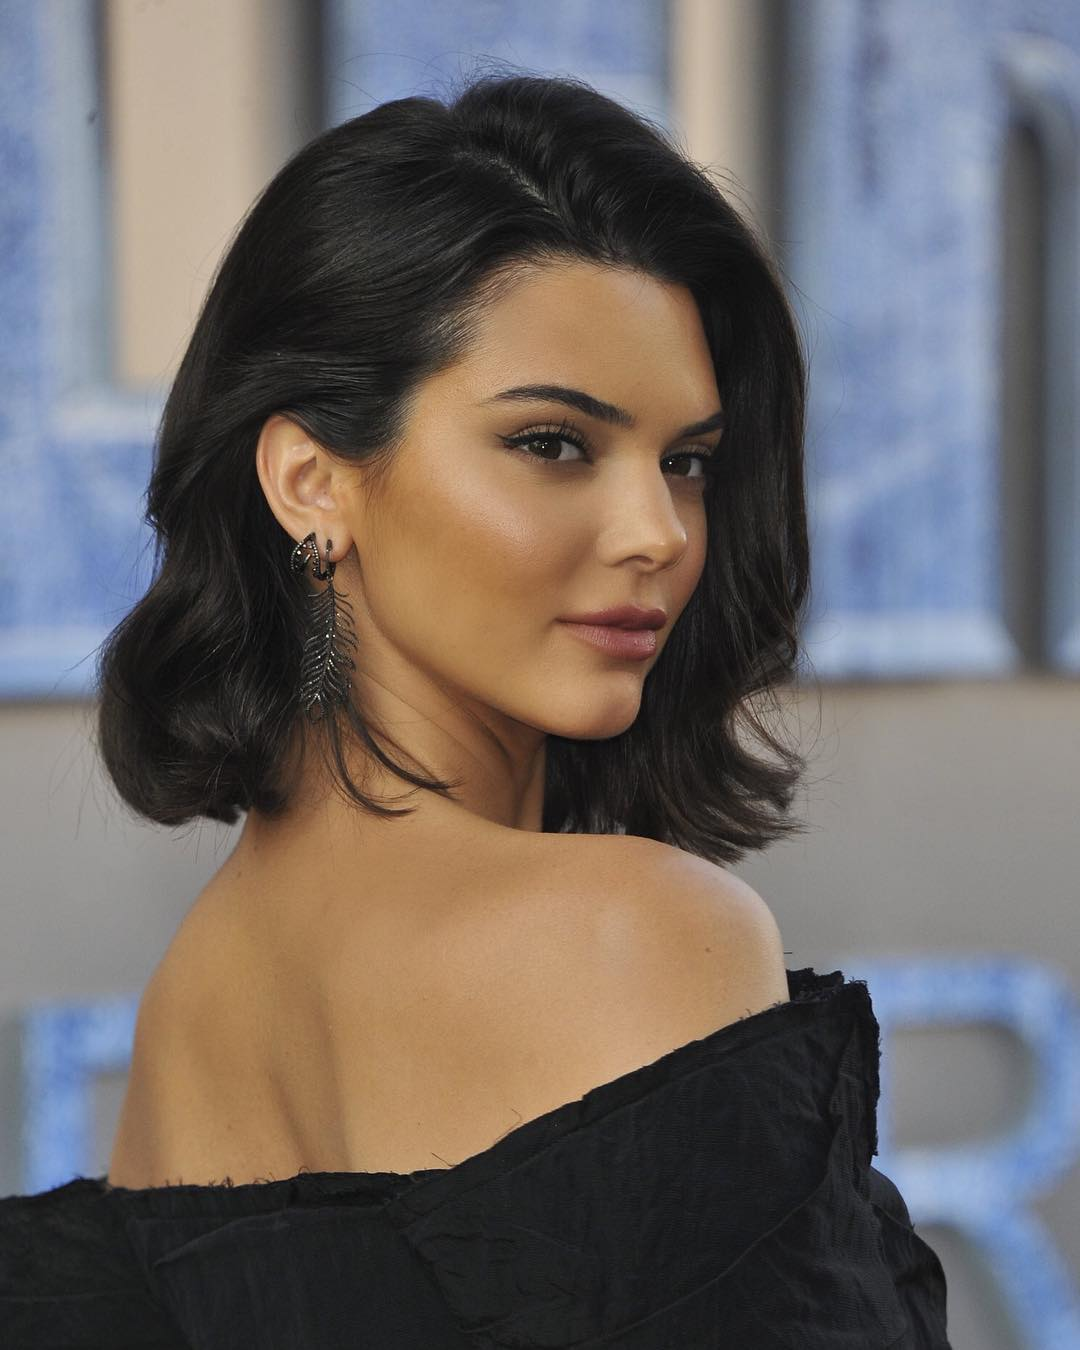 Başarılı model Kendall Jenner sexy siyah elbisesi ve kusursuz güzelliği ile tüm dikkatleri üzerine çekmeyi başardı. HD foto galeriyi görüntülemek için tıklayın.